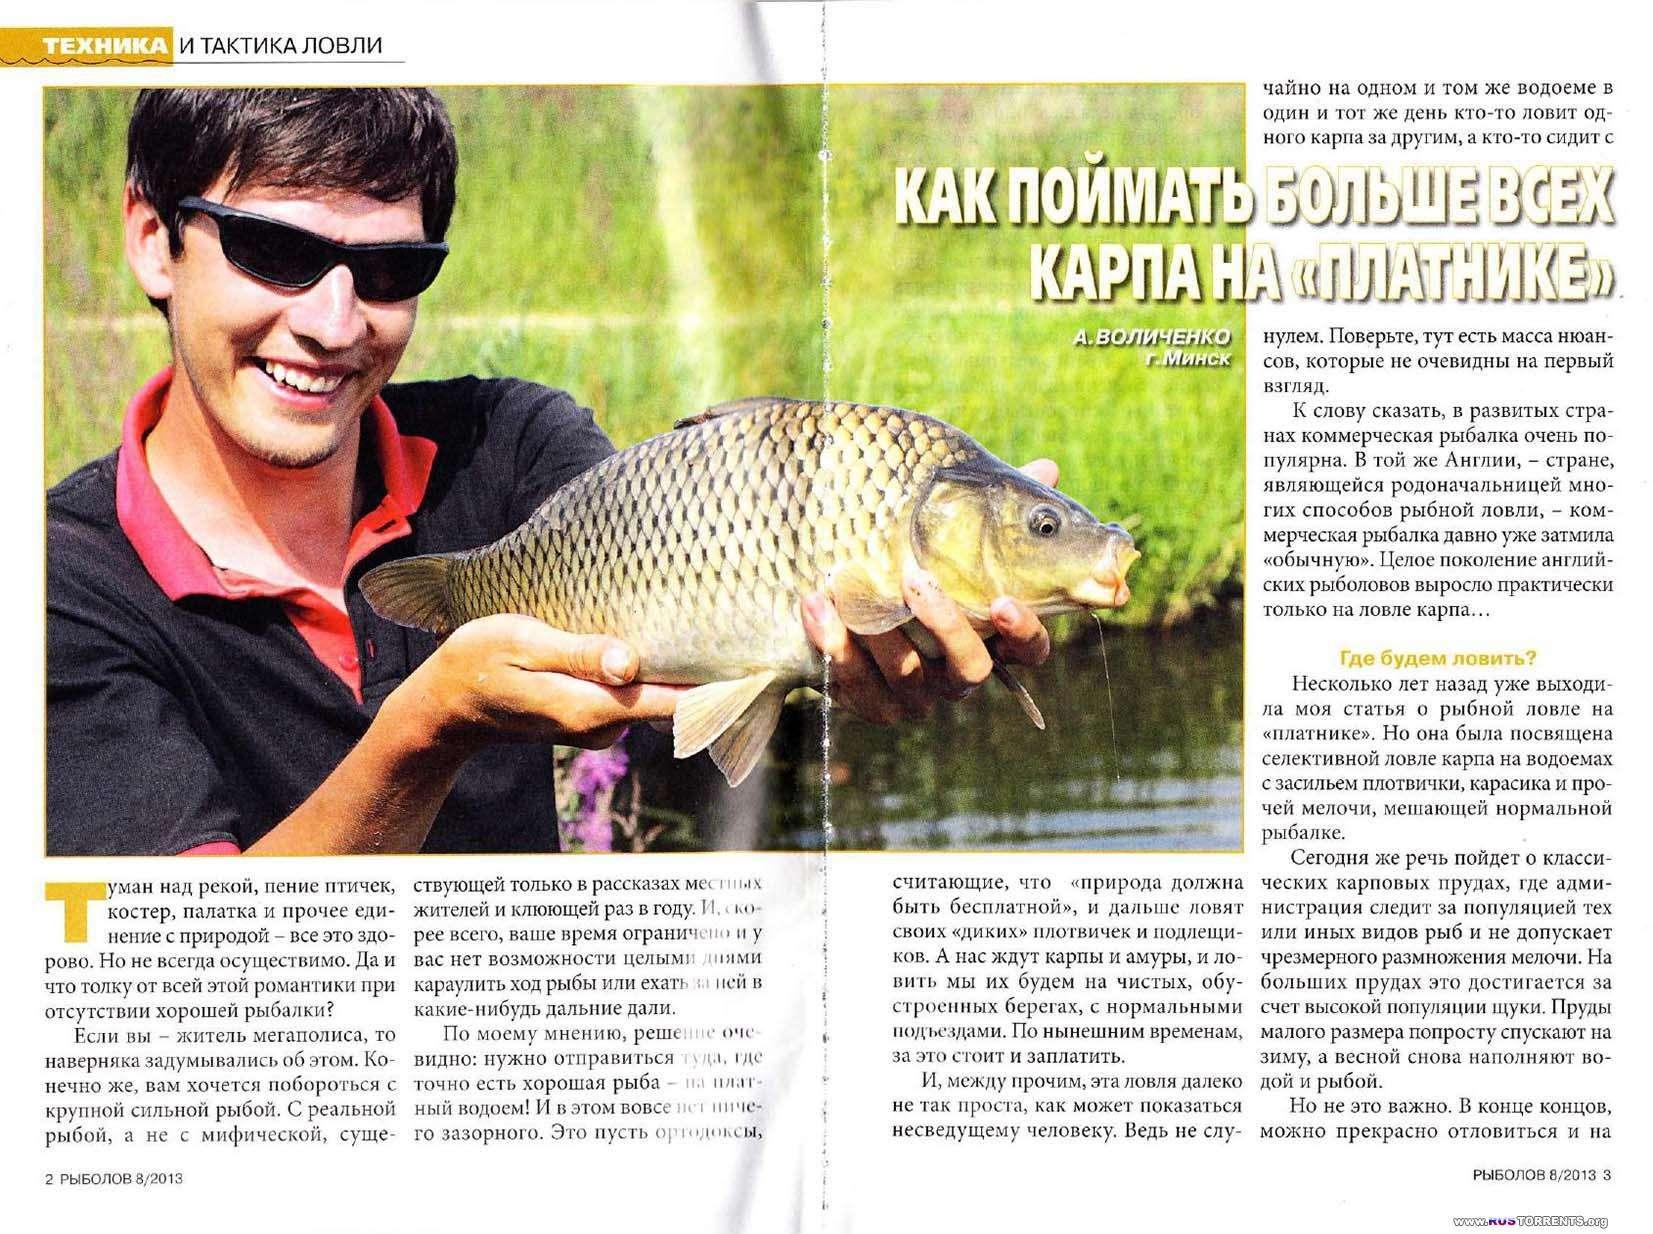 Рыболов профи (49 выпусков) | PDF